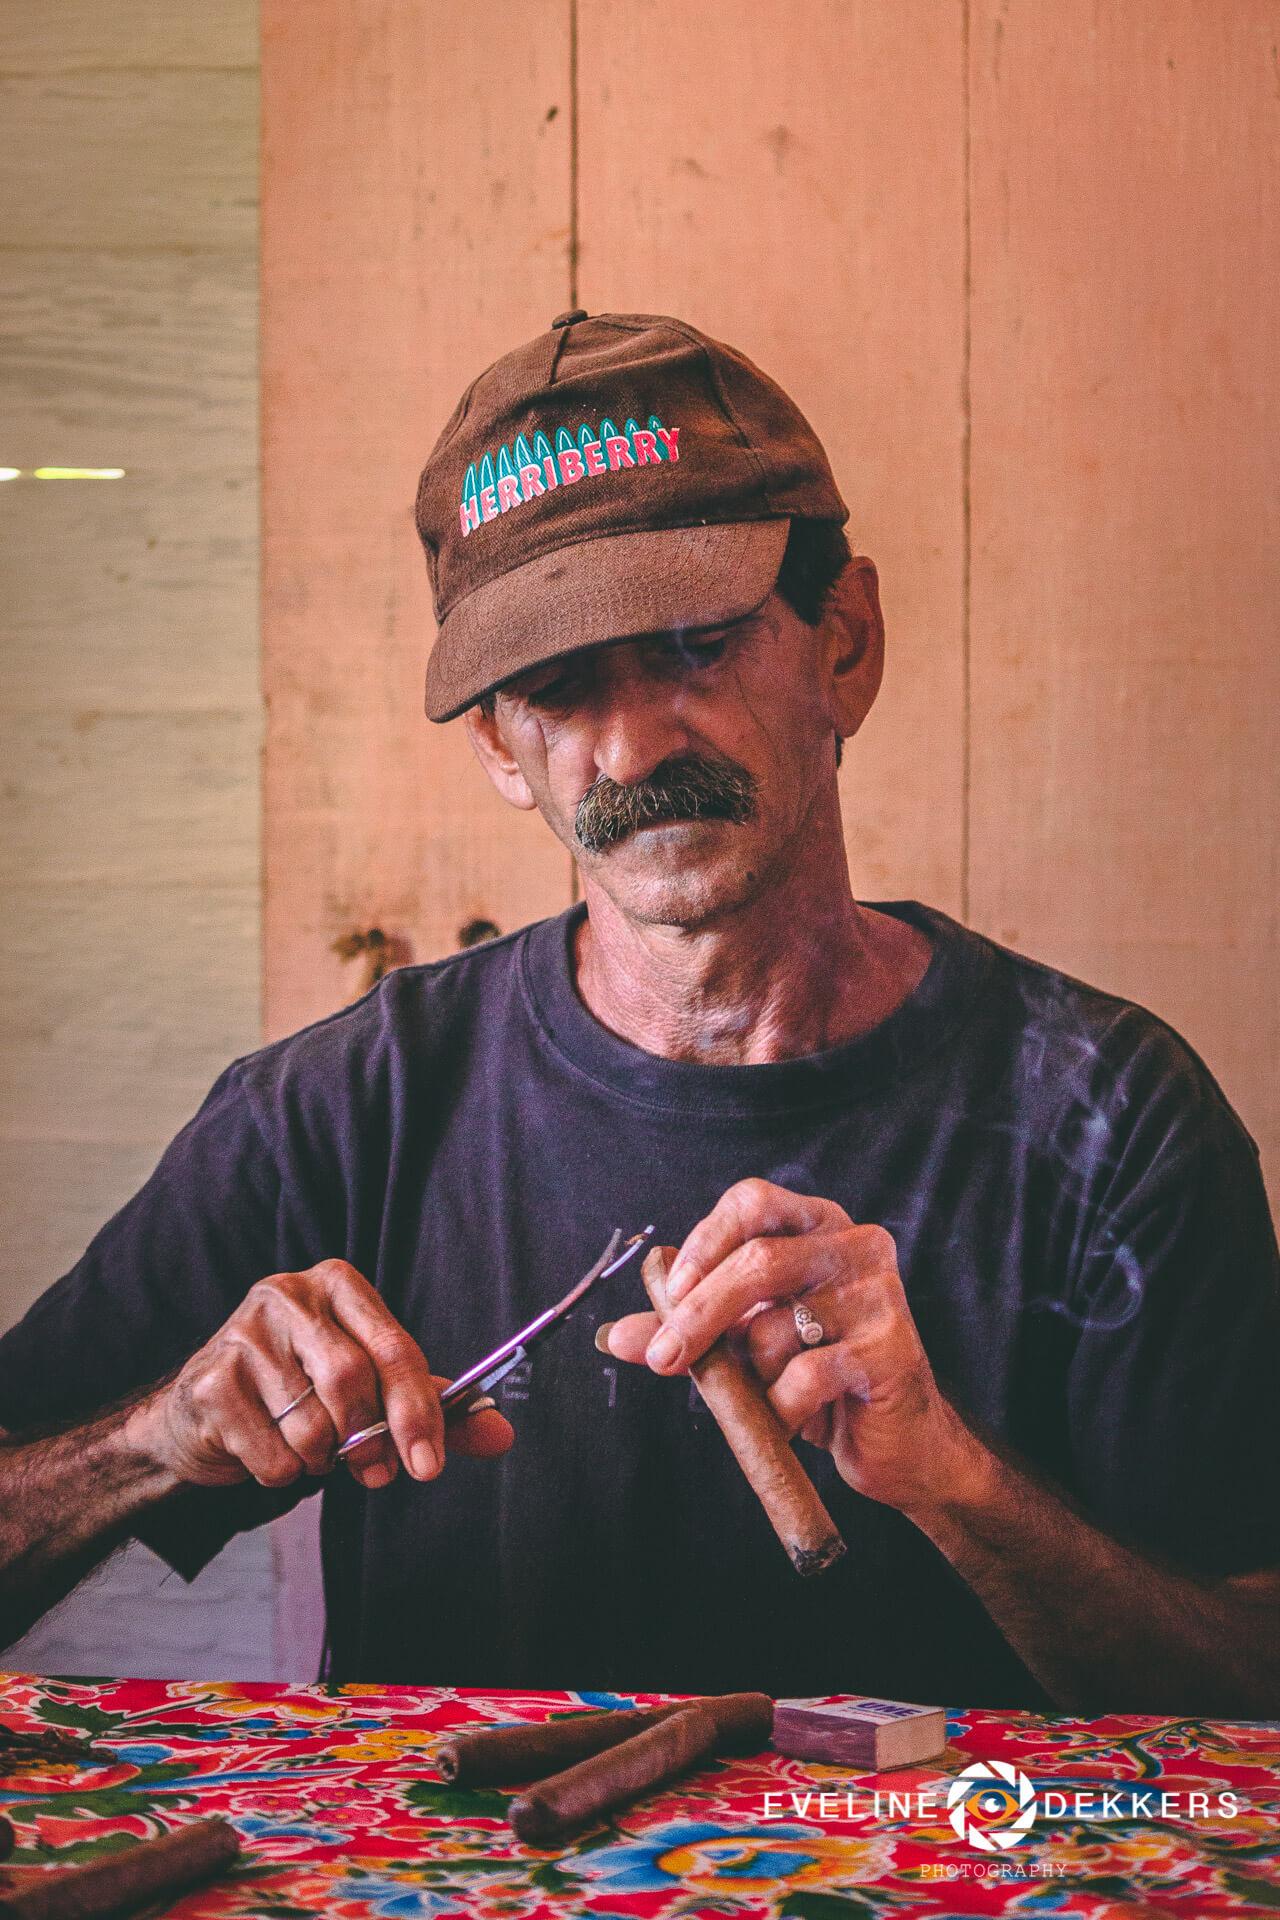 cigar-final-touch-cuba